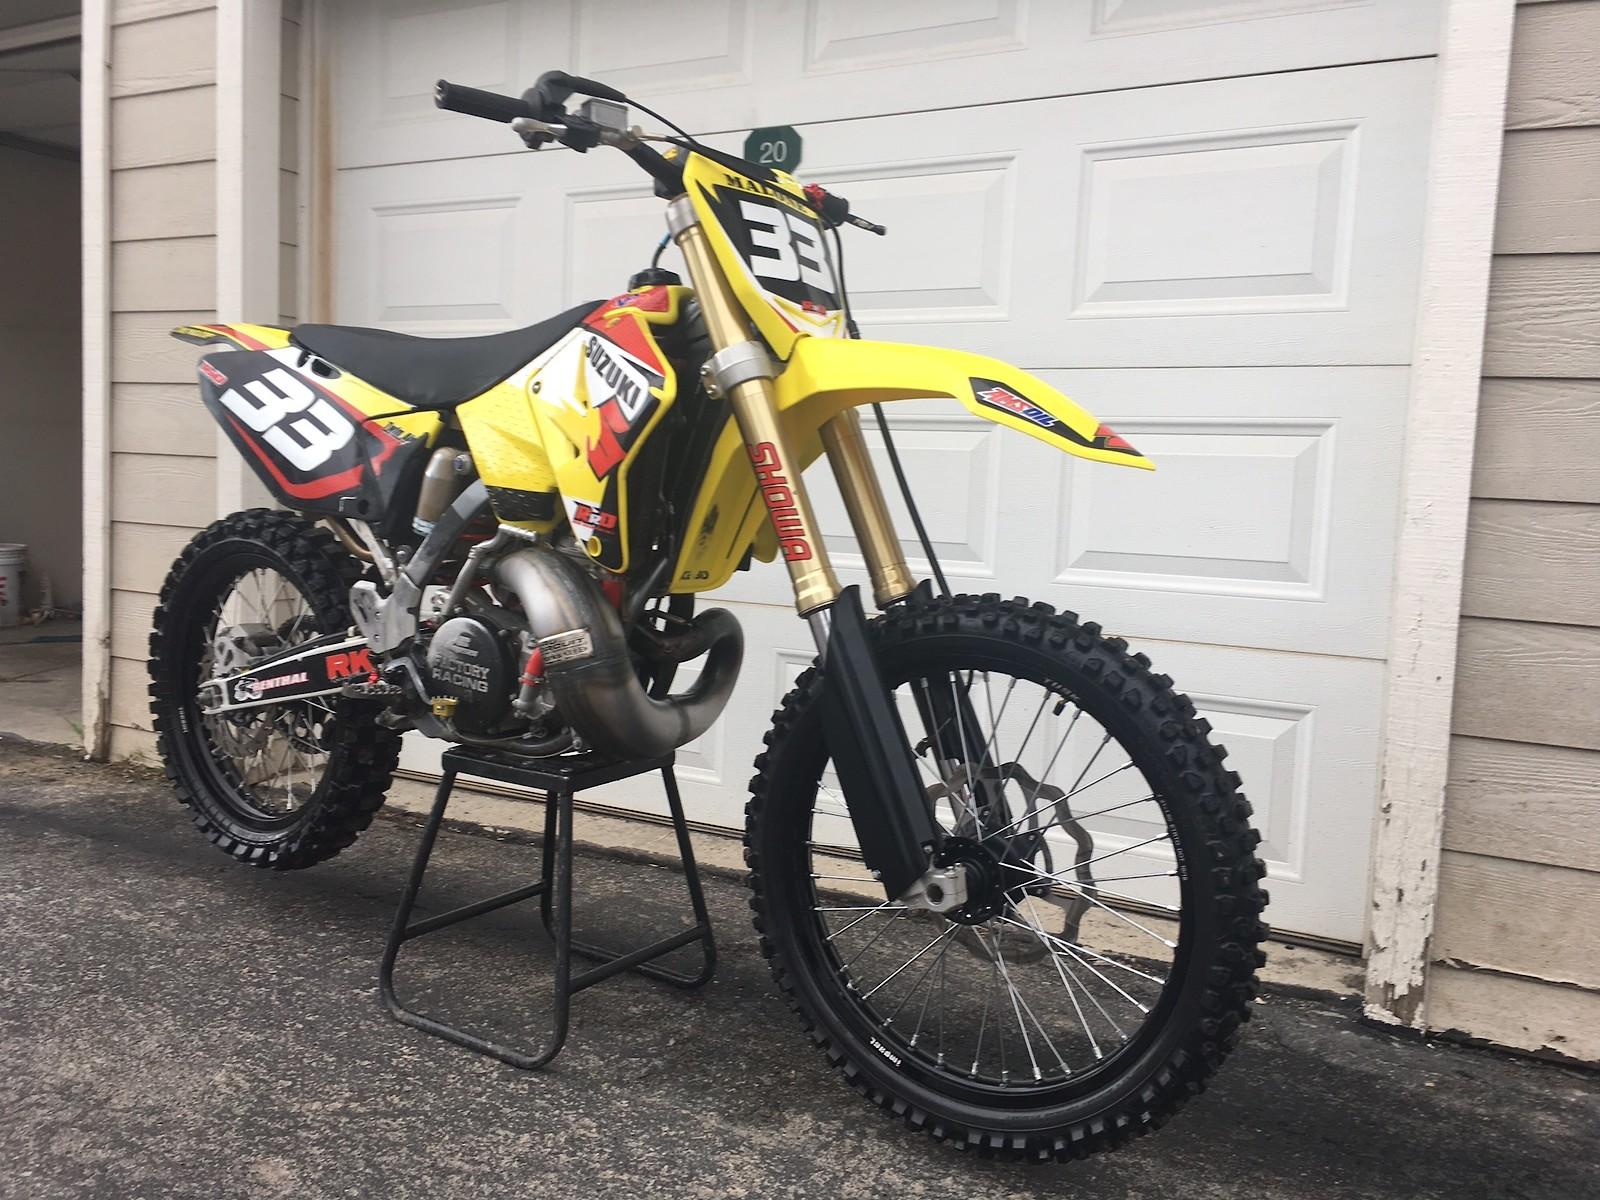 3338A856-8E11-45CE-9F19-BDA273333714 - Malone - Motocross Pictures - Vital MX